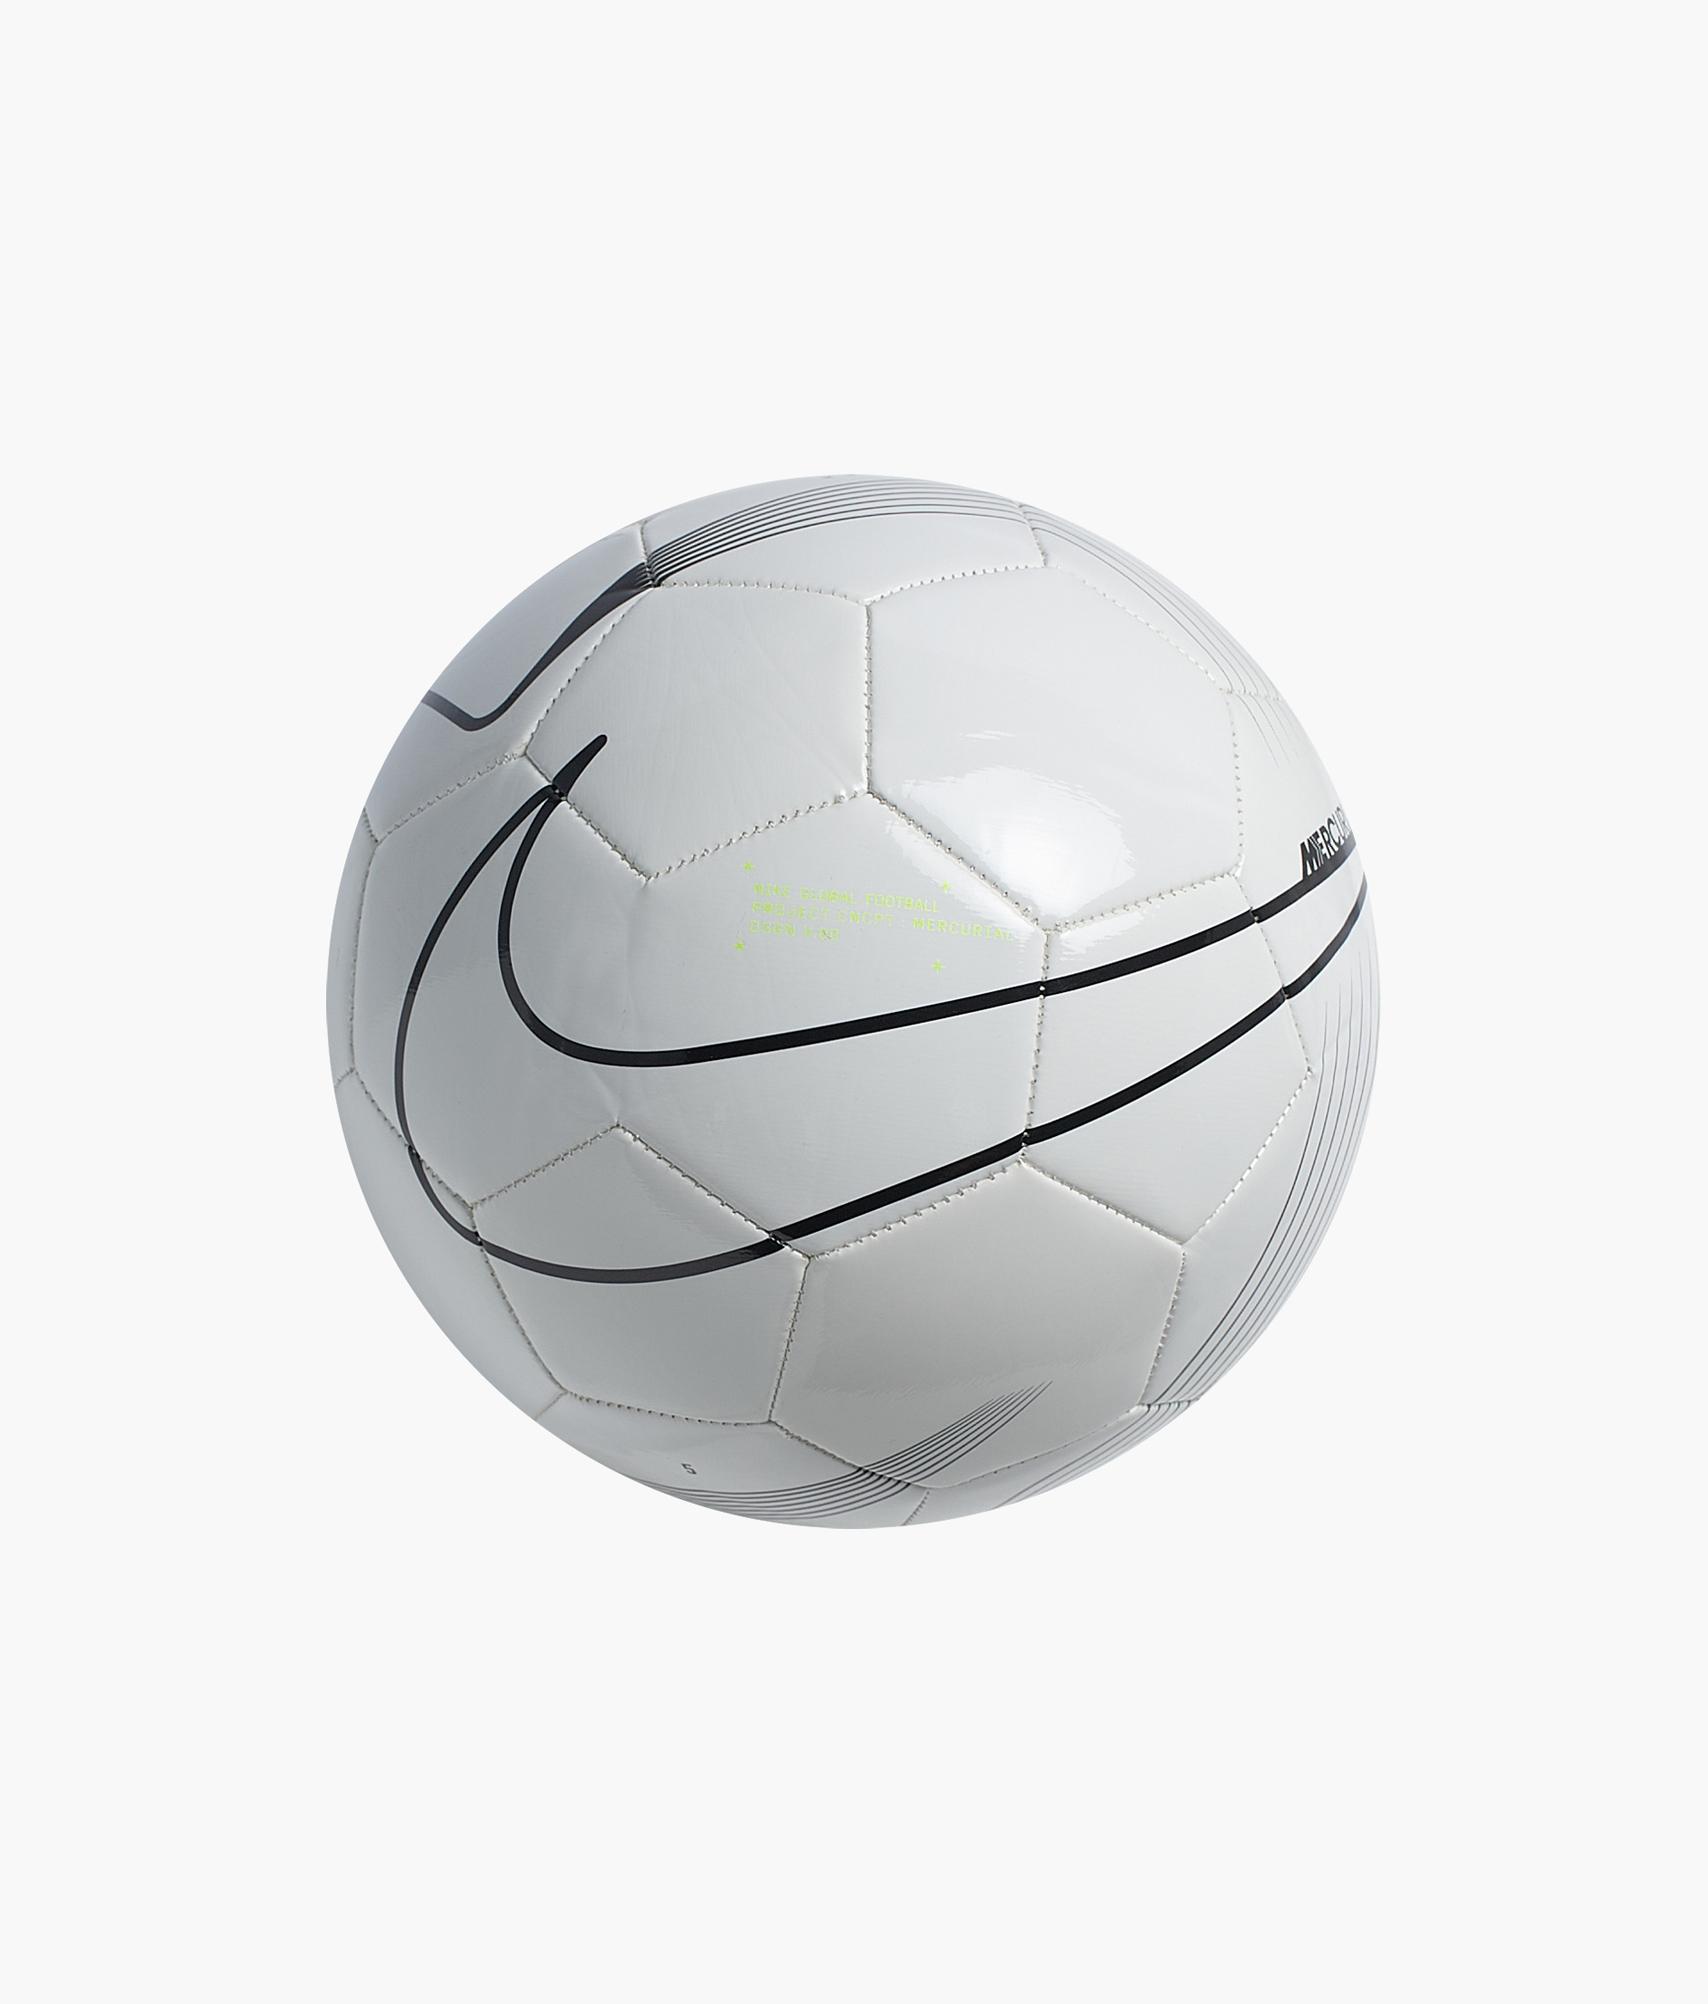 Мяч Nike Mercurial Fade Nike Цвет-Белый nike мяч nk merc fade